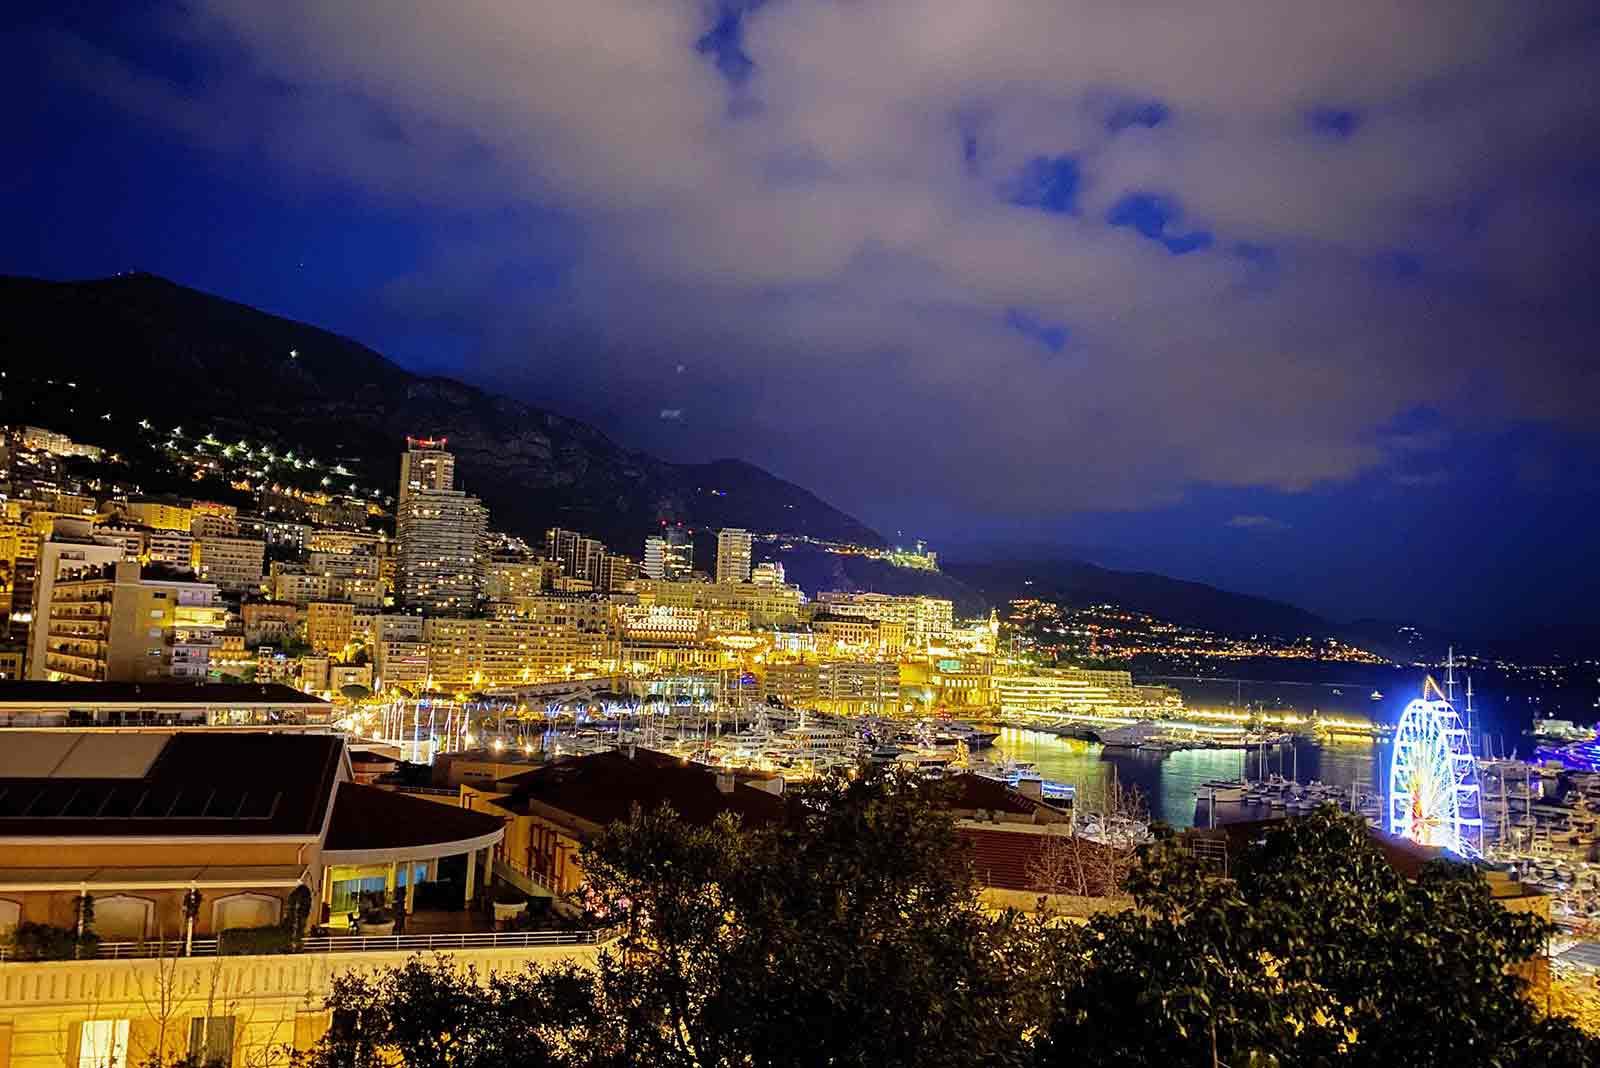 モナコ宮殿から見下ろしたモナコの街